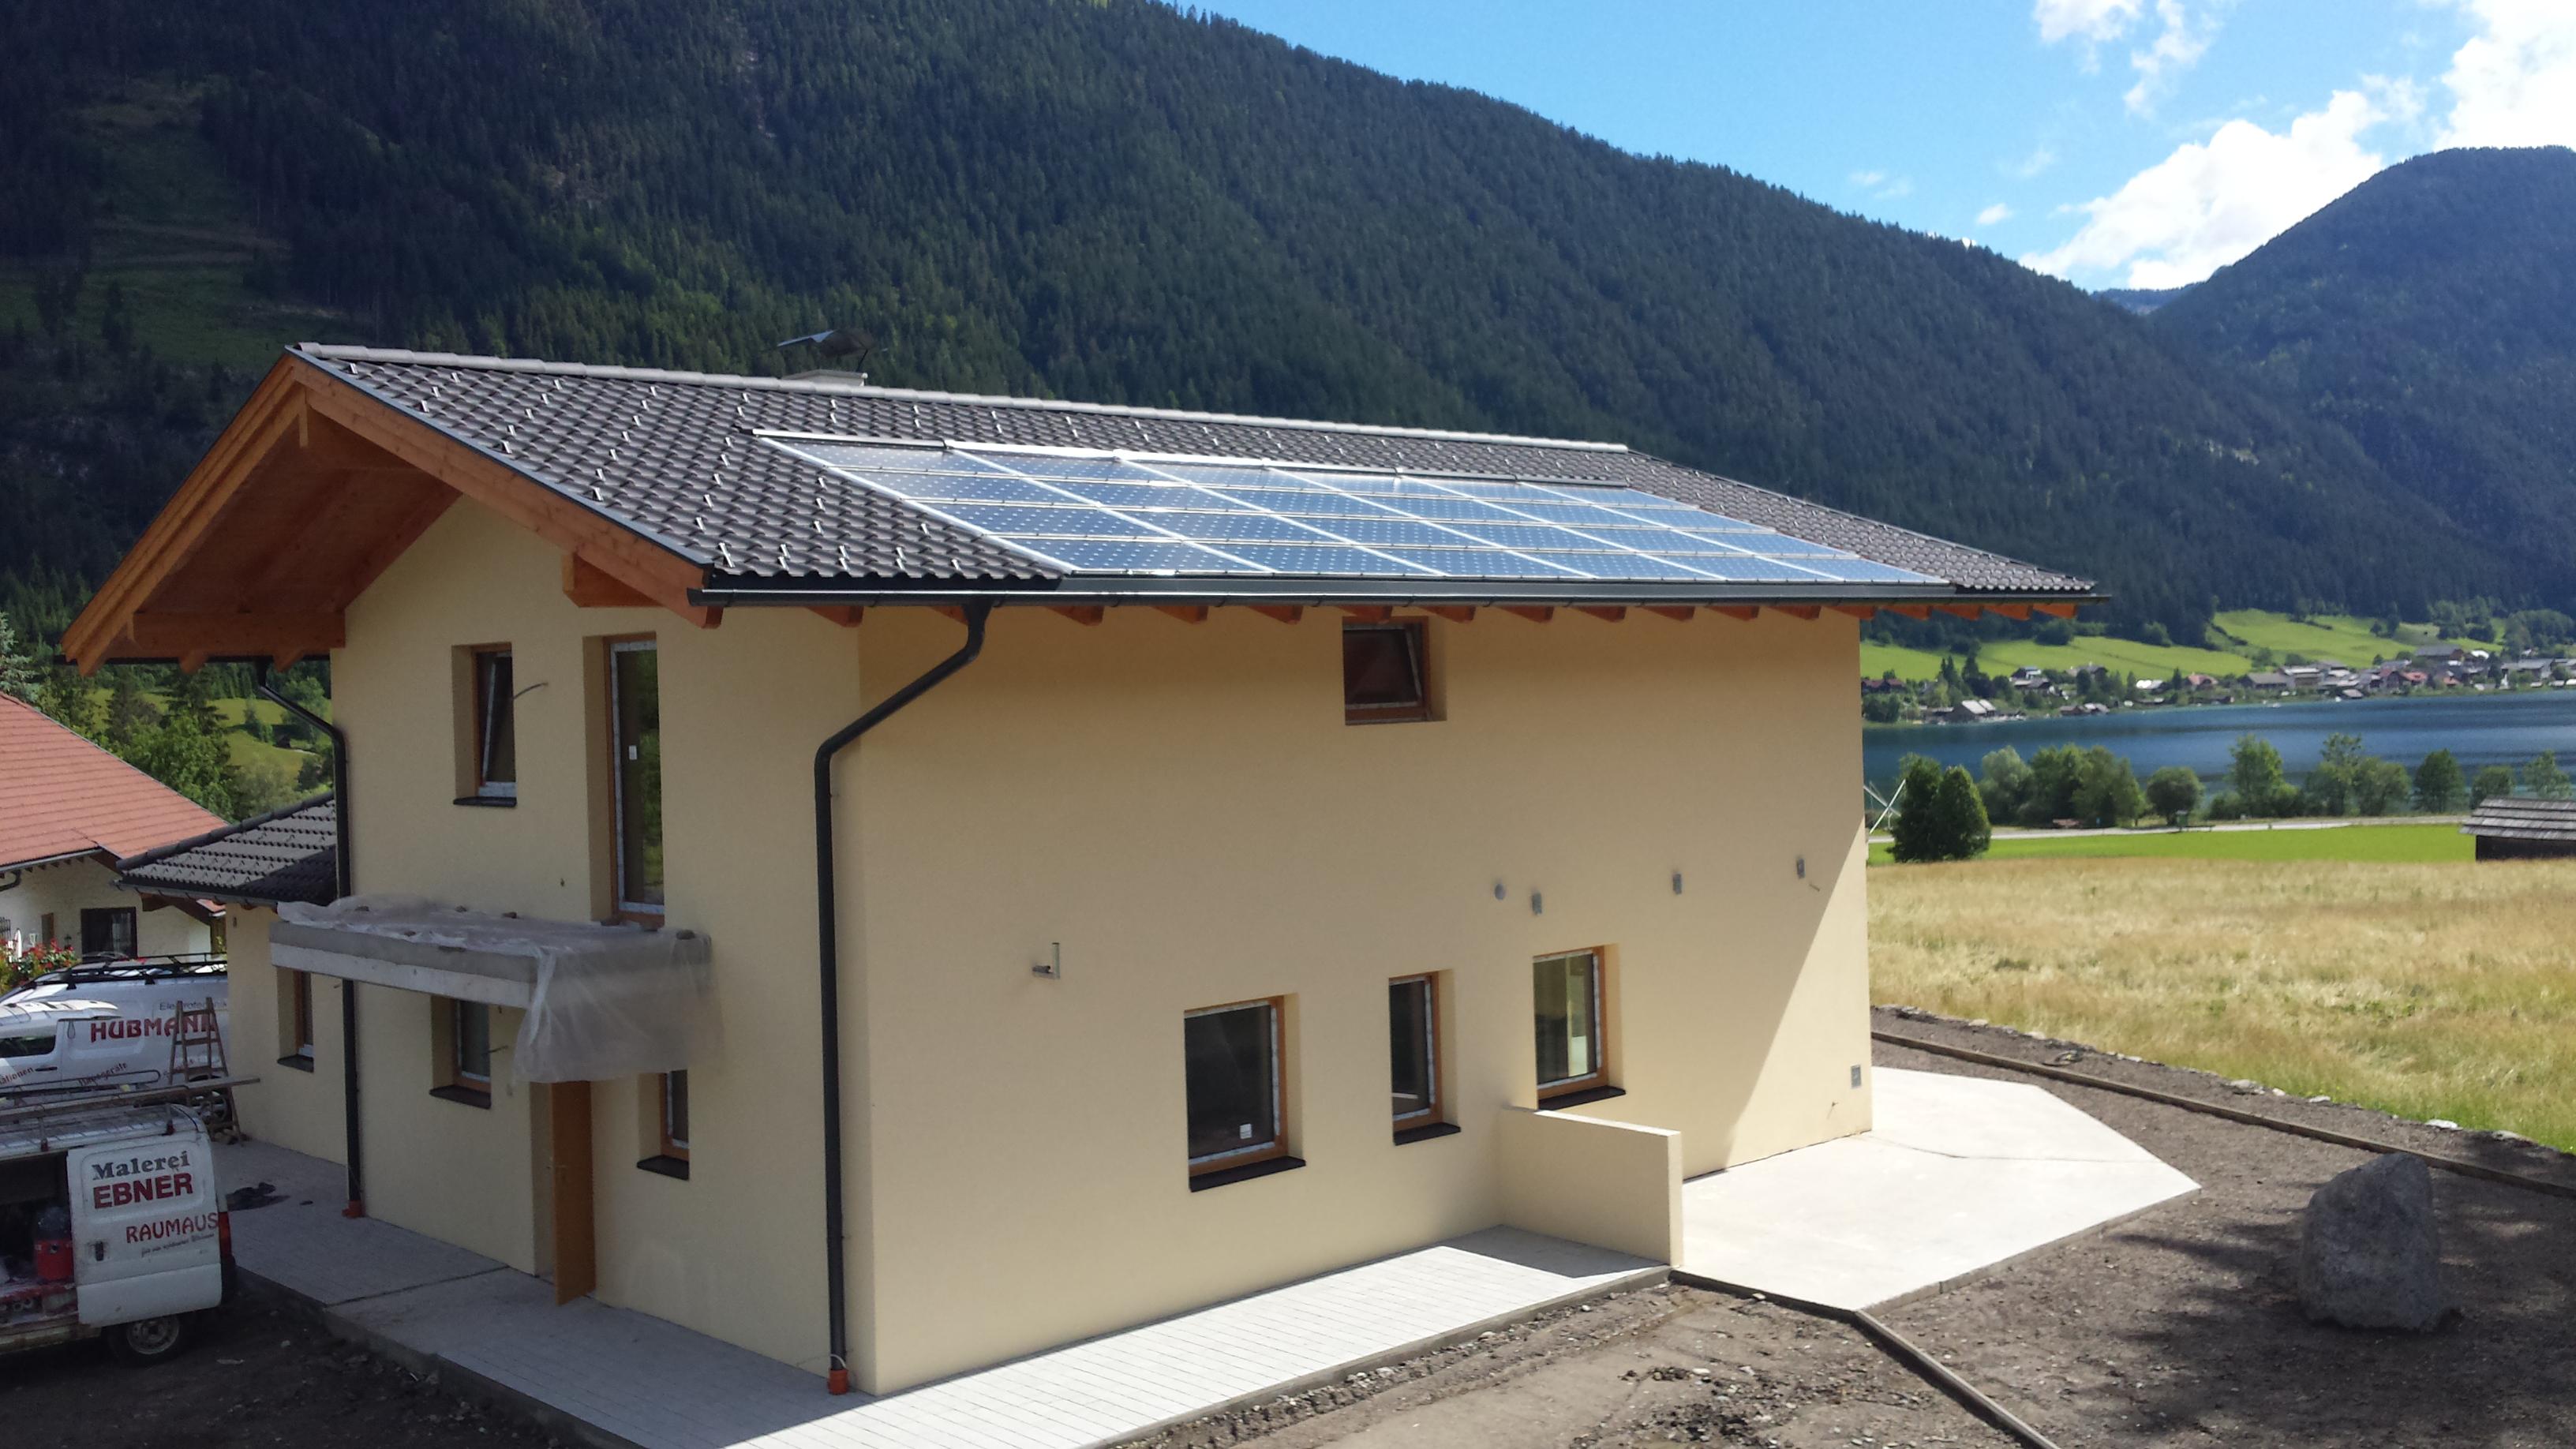 Quelle: sun.e-solution GmbH / Austria/ Kärnten/ Weissensee/ ca. 6kWp